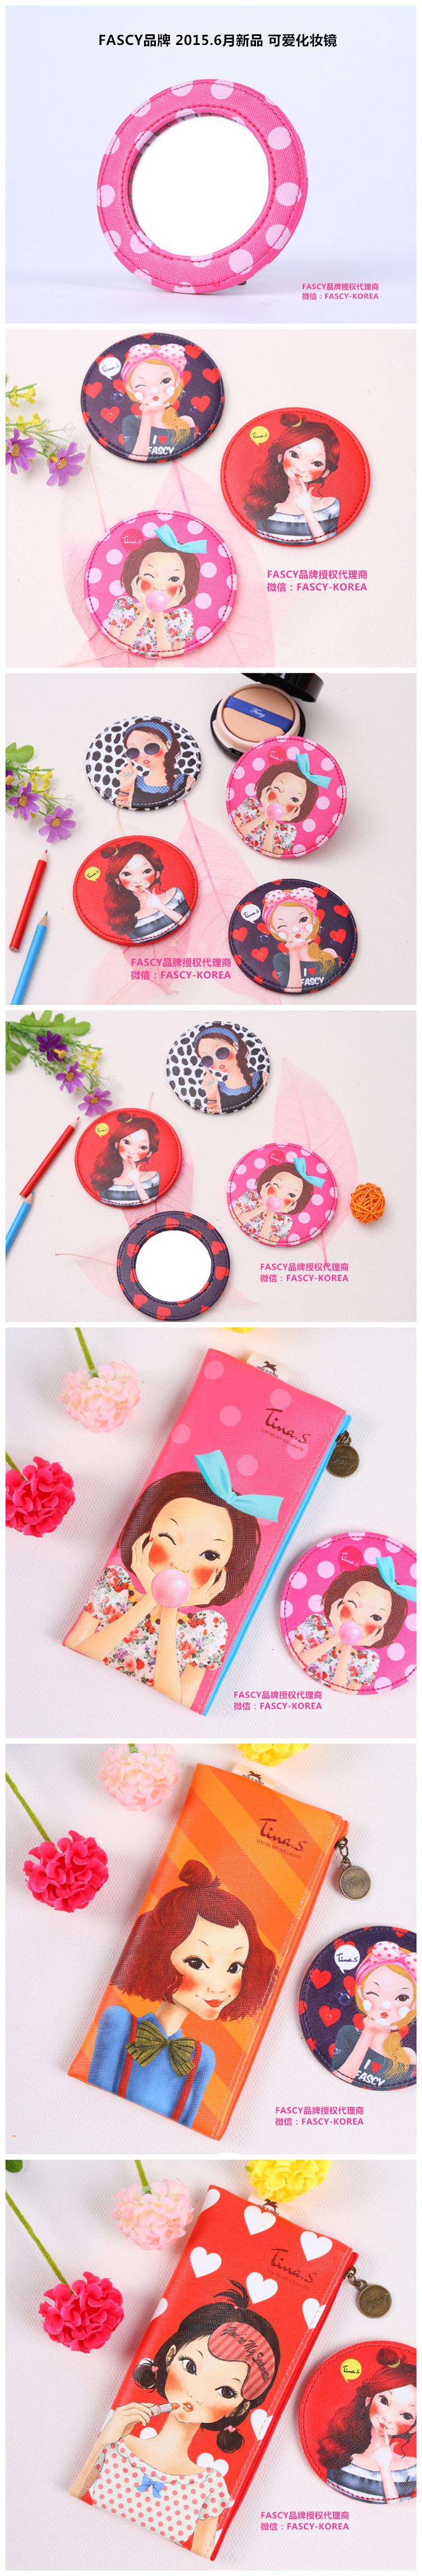 韩国fascy品牌可爱娃娃镜子梳妆镜子随身携带镜子